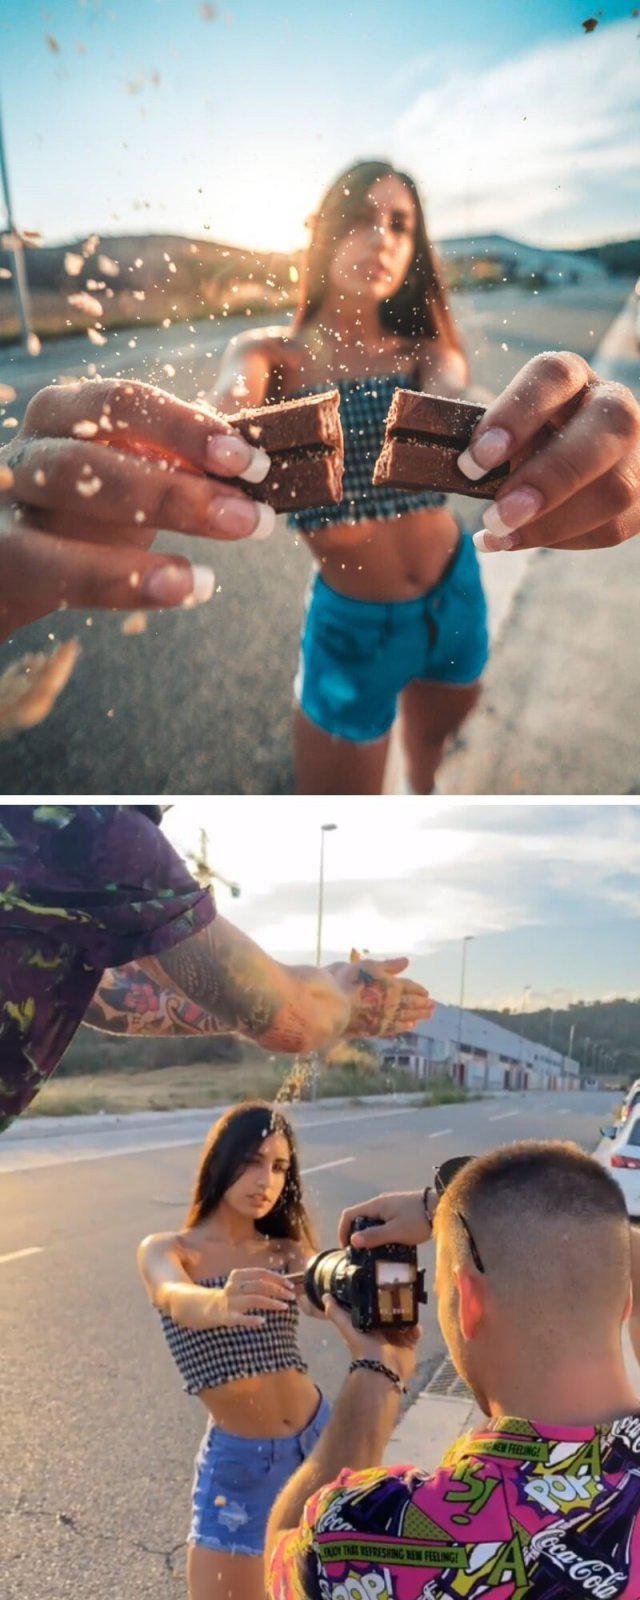 Autors: Fosilija Fotogrāfs Džordi Koalitiks parādīja, kas notiek skaistu fotogrāfiju aizkulisēs